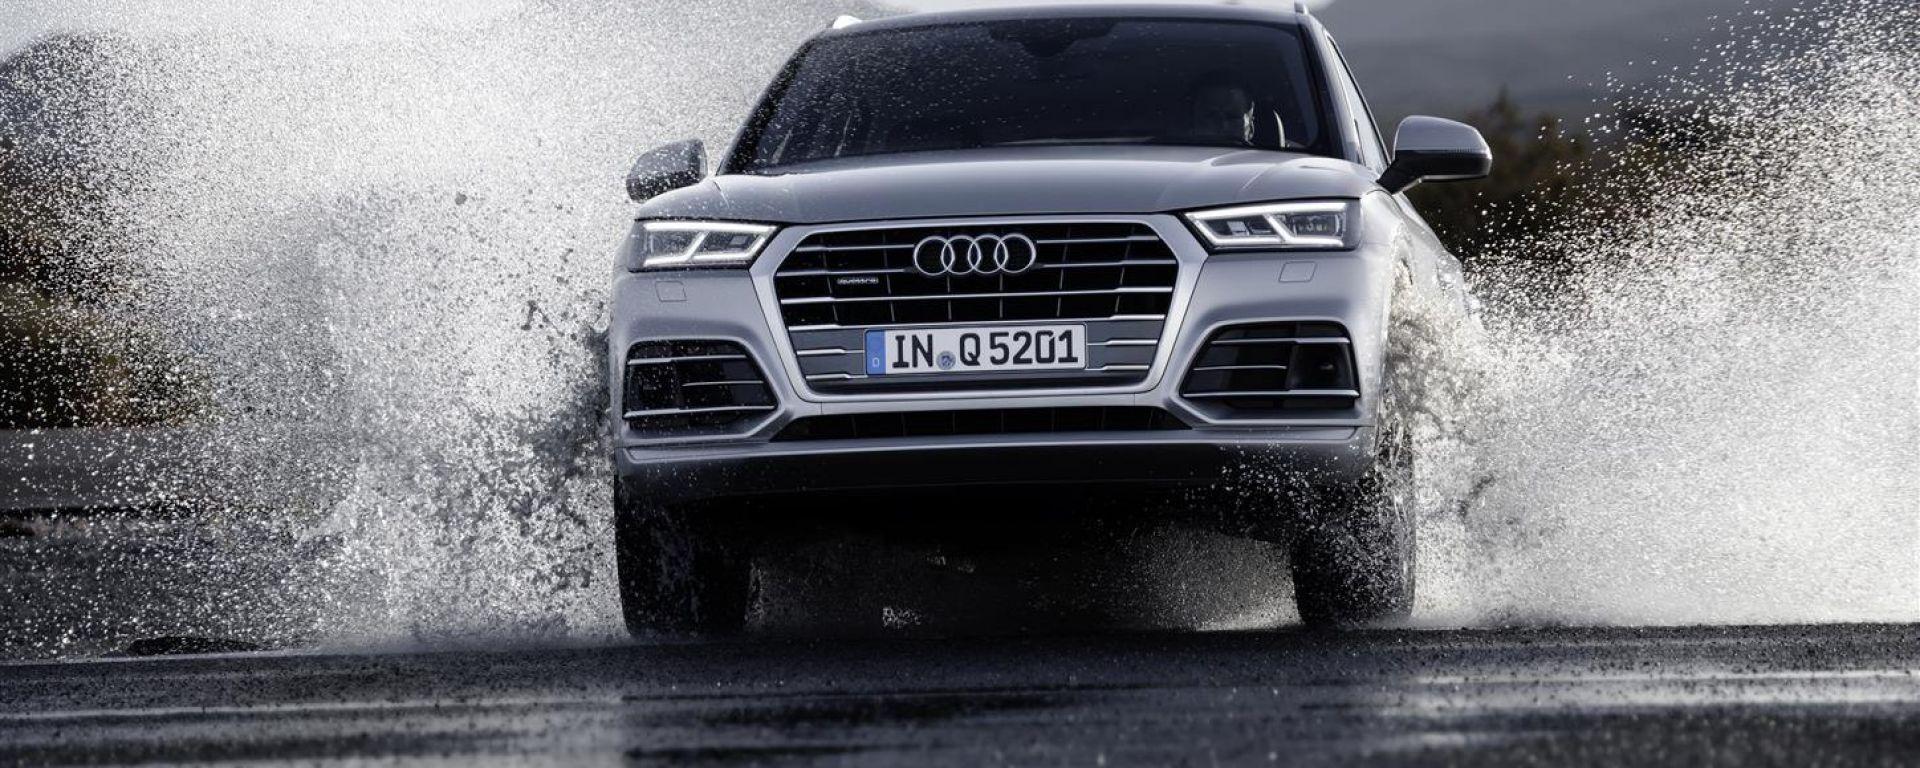 Nuova Audi Q5, il muso